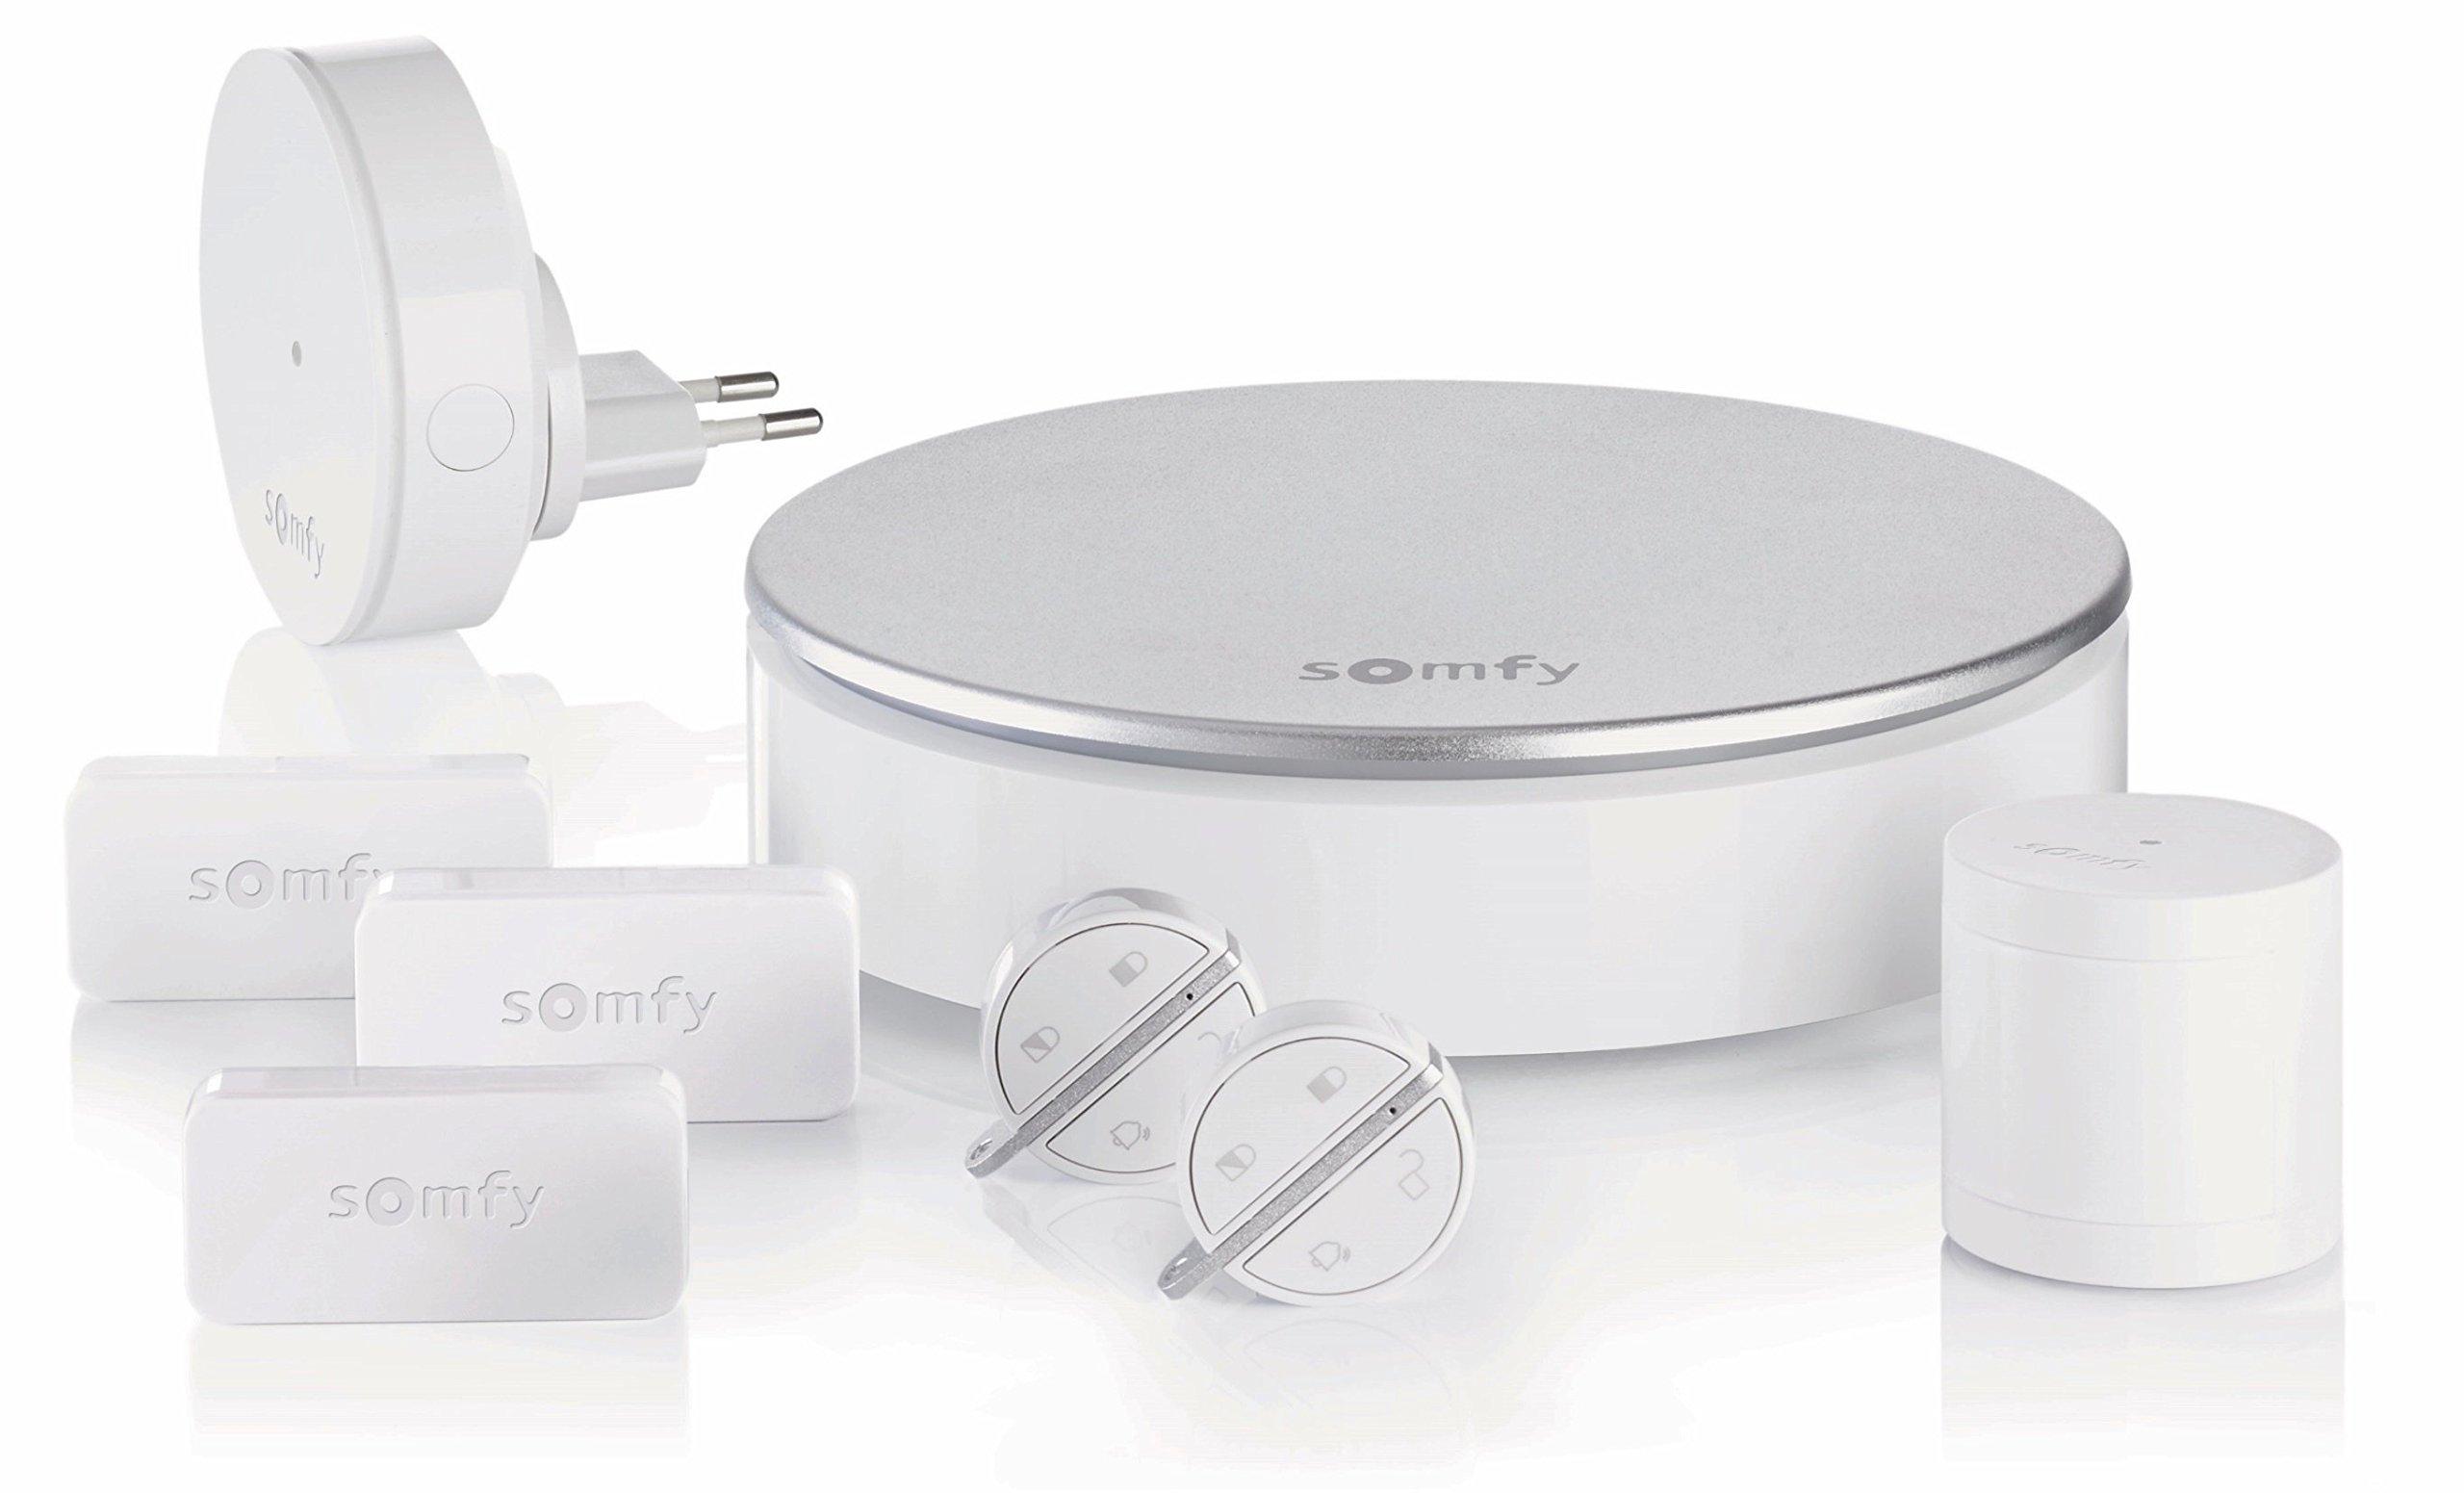 Somfy 2401497 – Home Alarm – Système d'Alarme Maison sans Fil Connecté – Somfy Protect – Compatible avec Alexa, l'Assistant Google et TaHoma